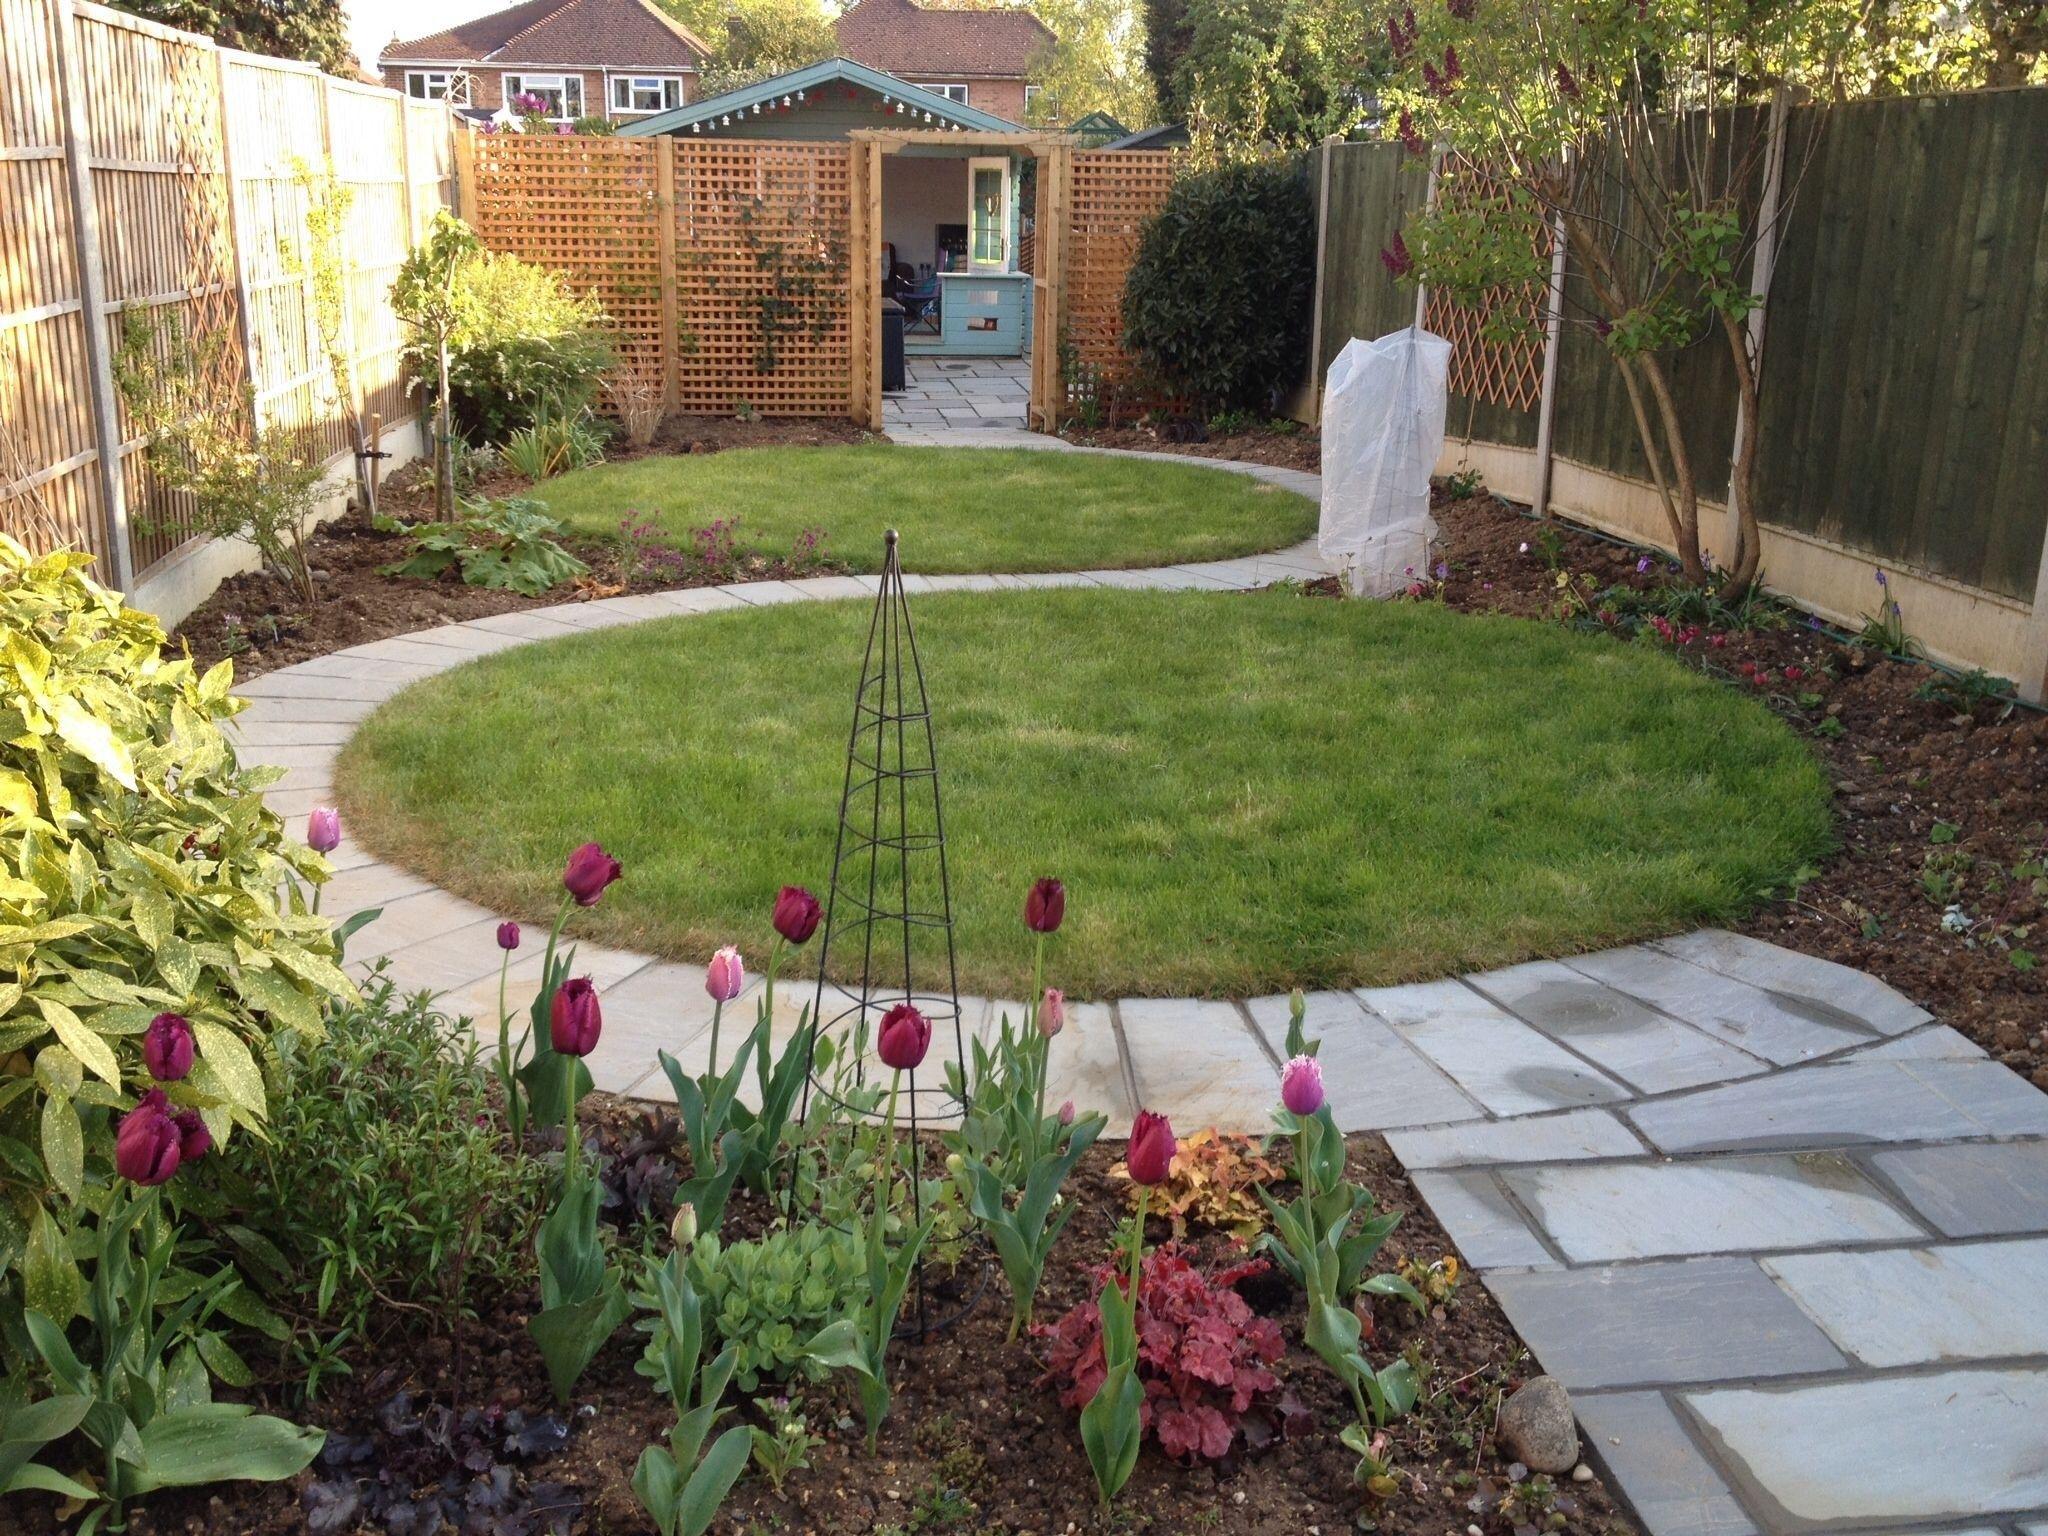 52 Creative Garden Lawn Design To Be Inspire Homiku Com Circular Garden Design Lawn Design Small Garden Design